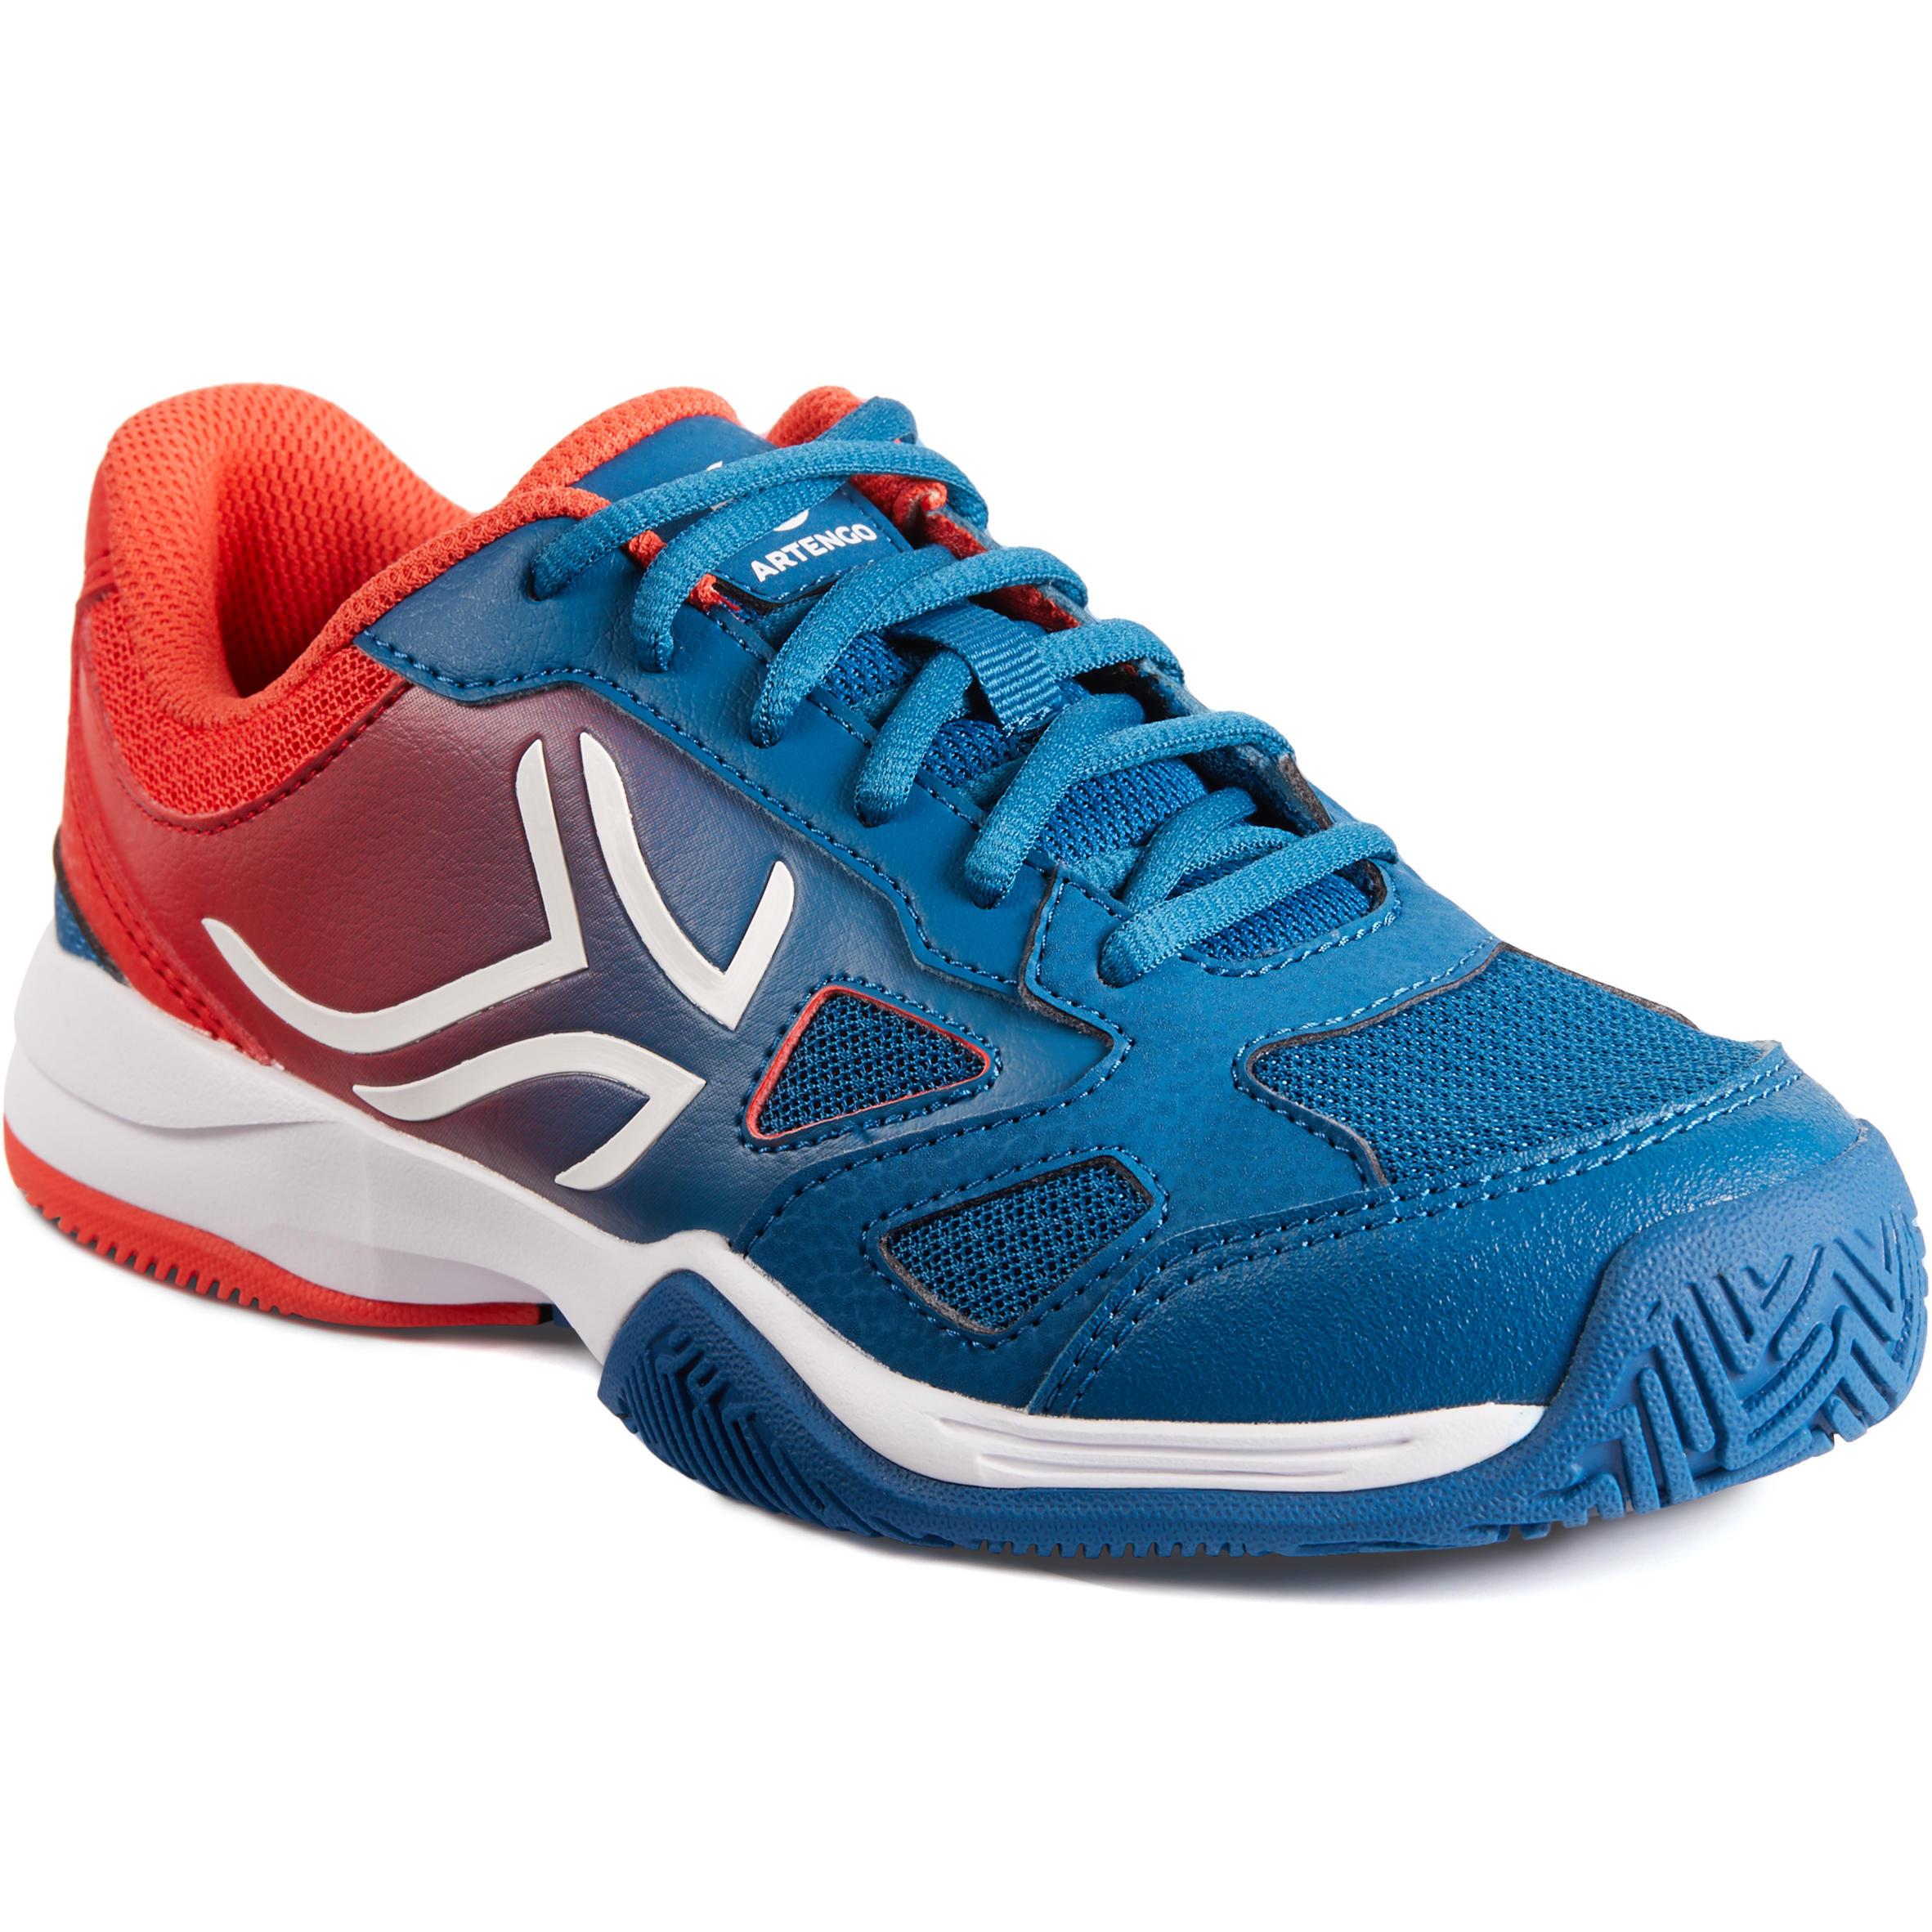 Artengo Tennisschoenen jongeren Artengo TS560 blauw/rood